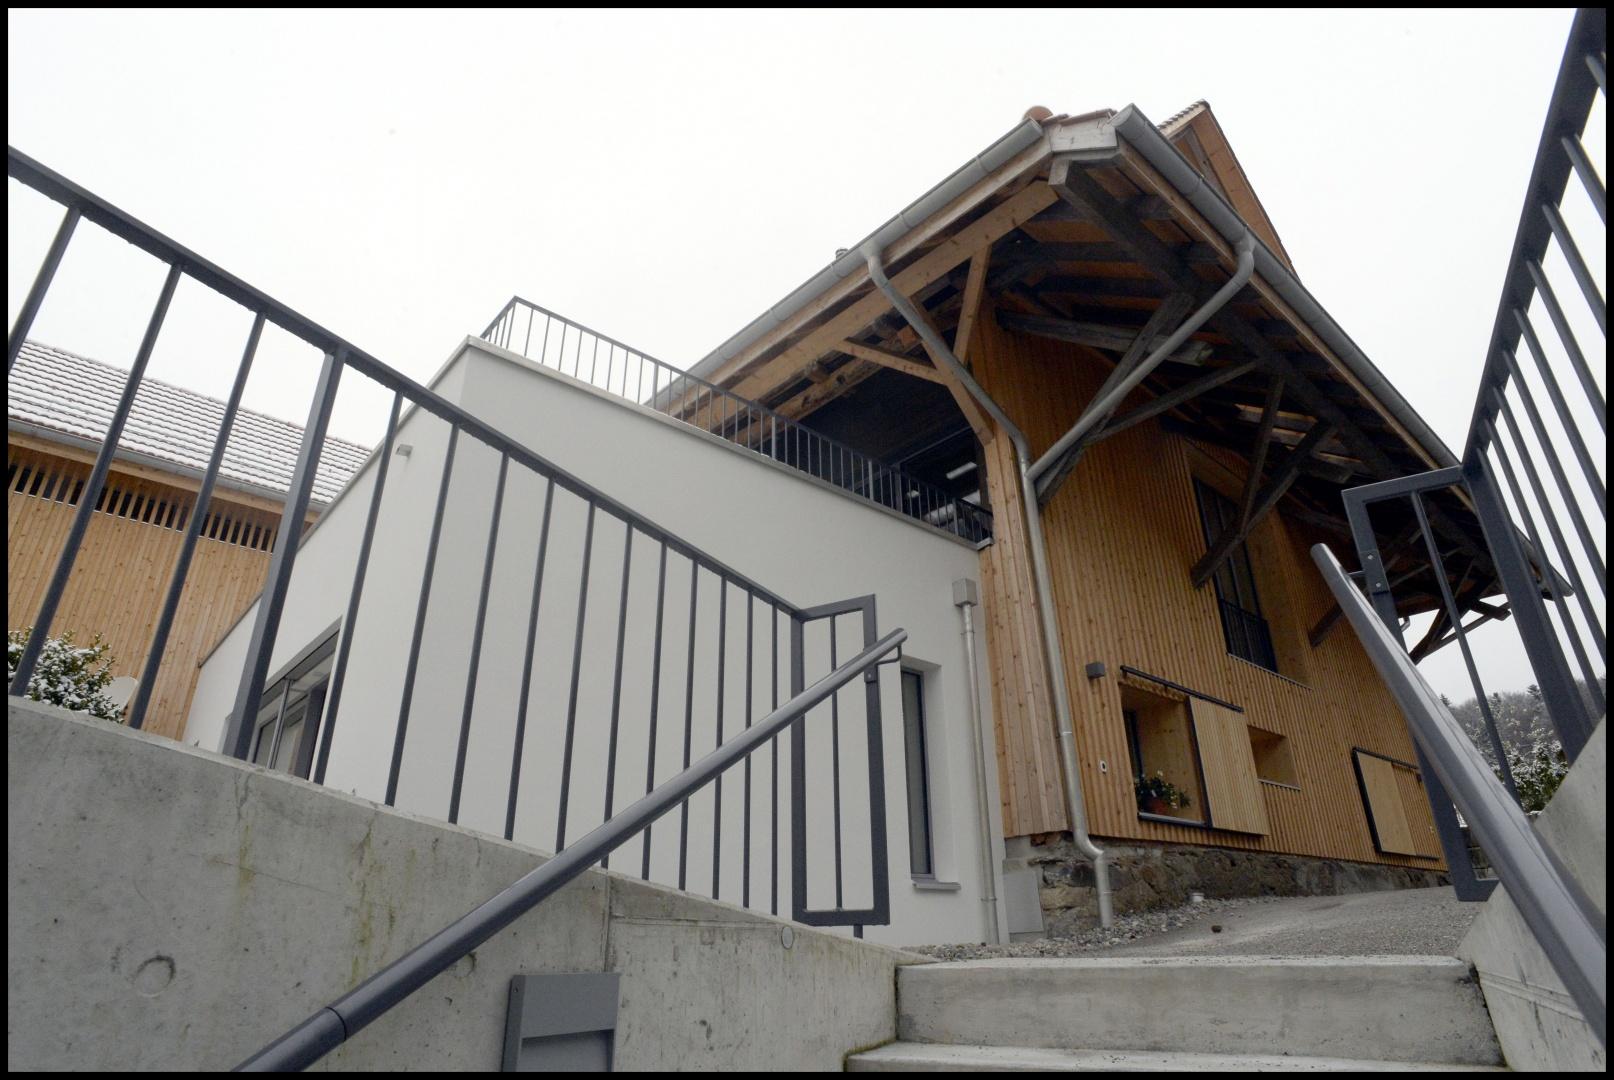 Openairaufgang zur Ostseite der Scheune © ARCHmark HOFSTETTER, Glarus